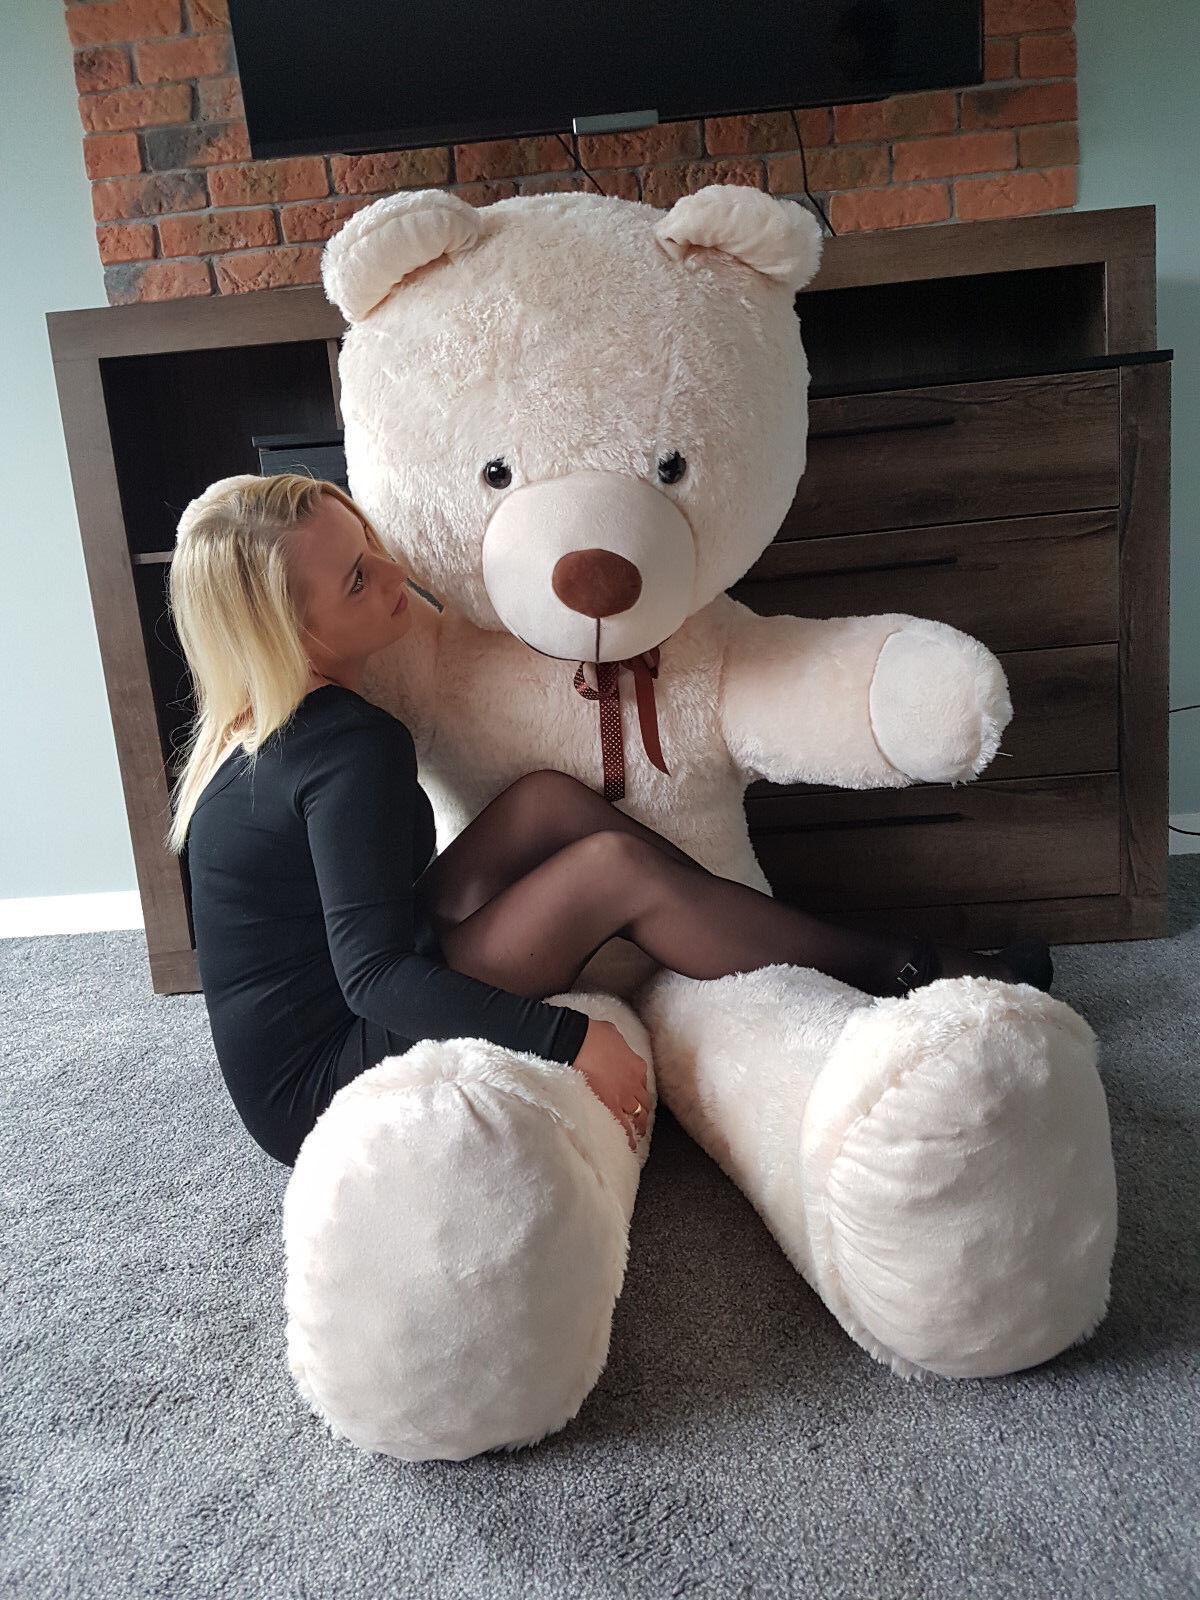 XXL Teddybär Plüsch Groß 205cm Kuschel Stoff bär Plüschbär Teddy